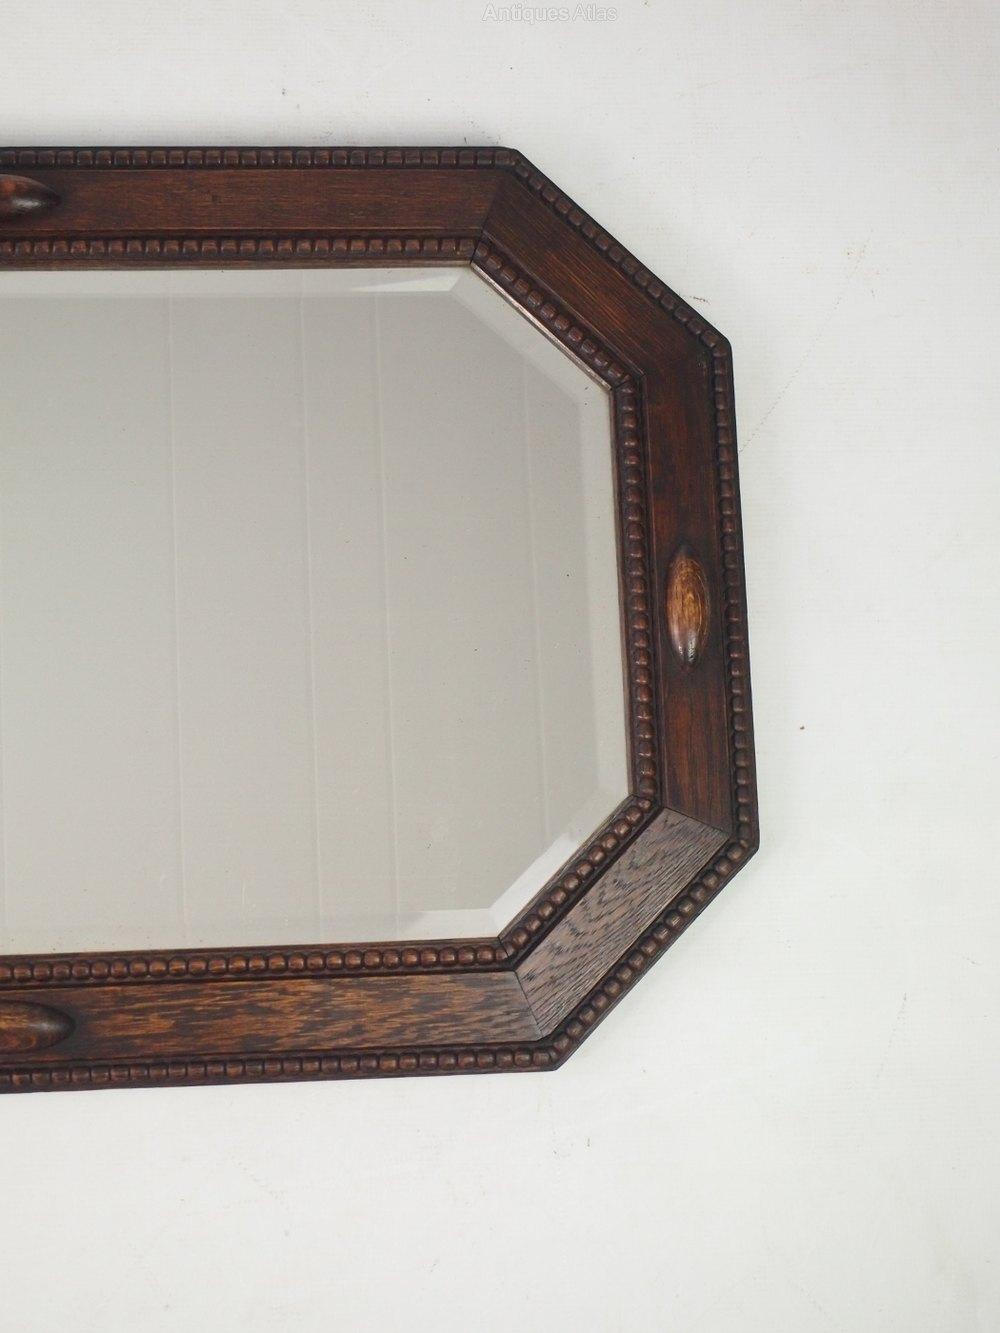 Antiques Atlas - Vintage Oak Framed Mirror Or Overmantle